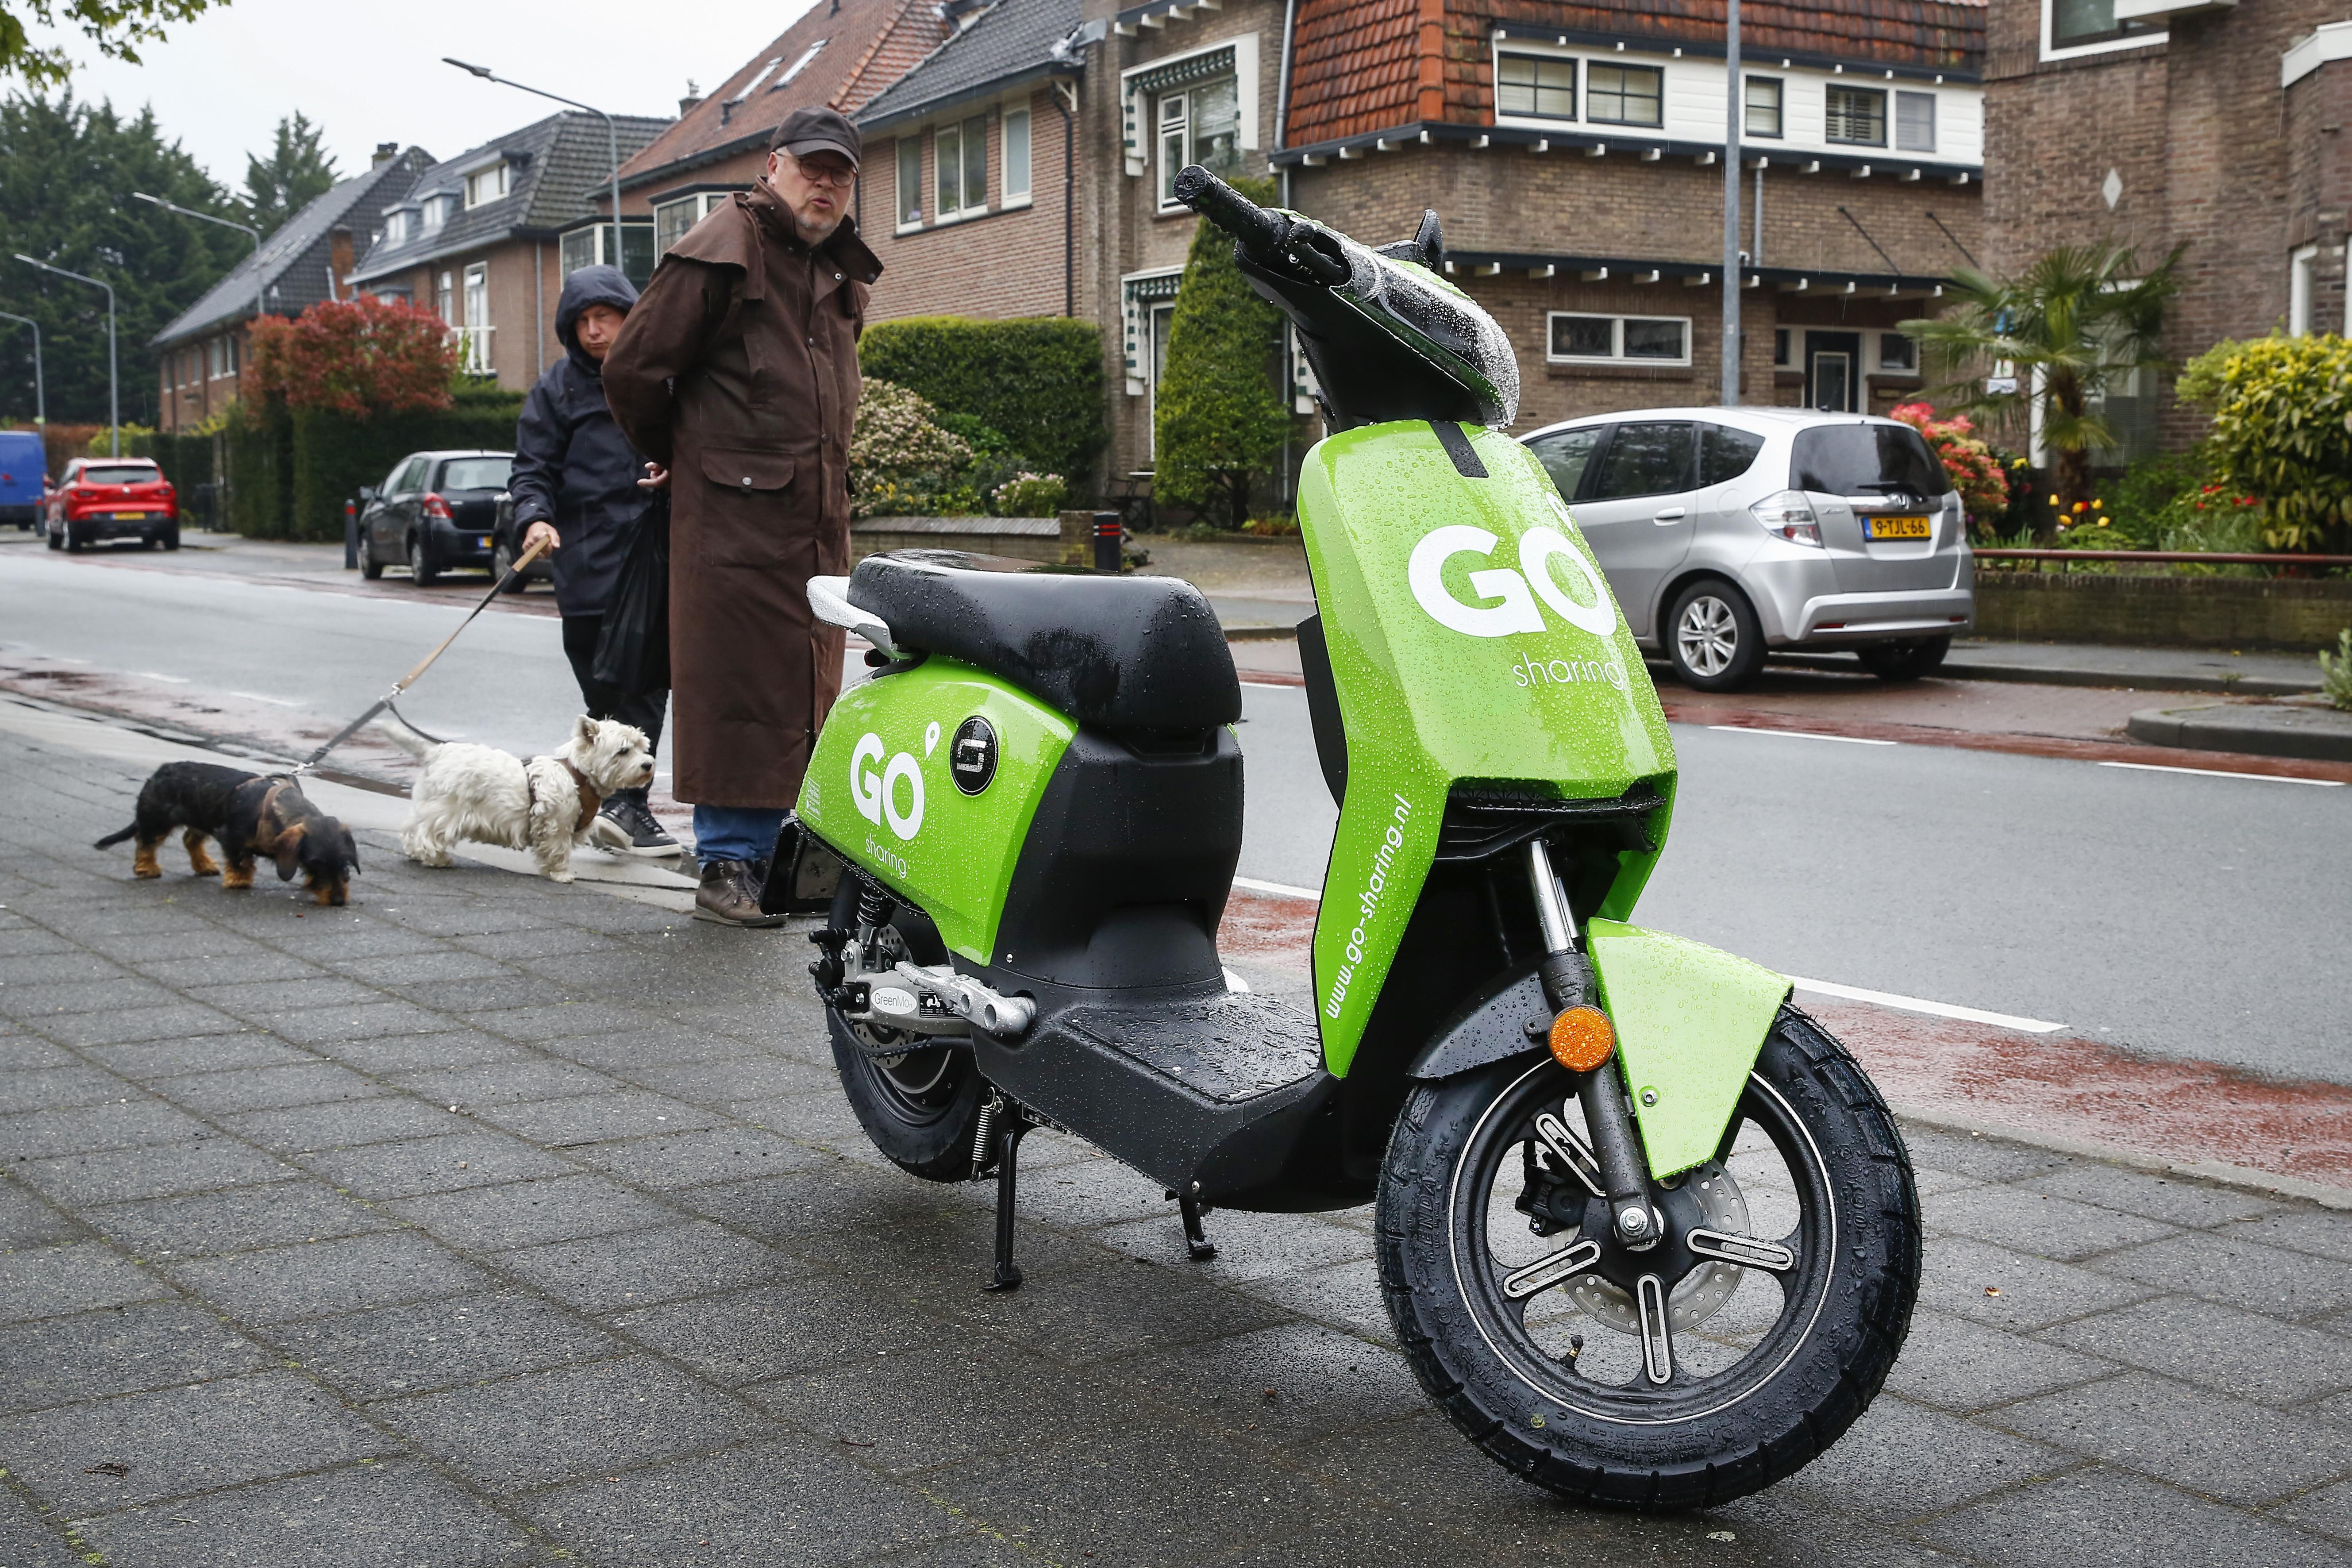 Wat vindt u van de nieuwe groene deelscooters in Hilversum? Stuur uw opmerkingen naar De Gooi- en Eemlander